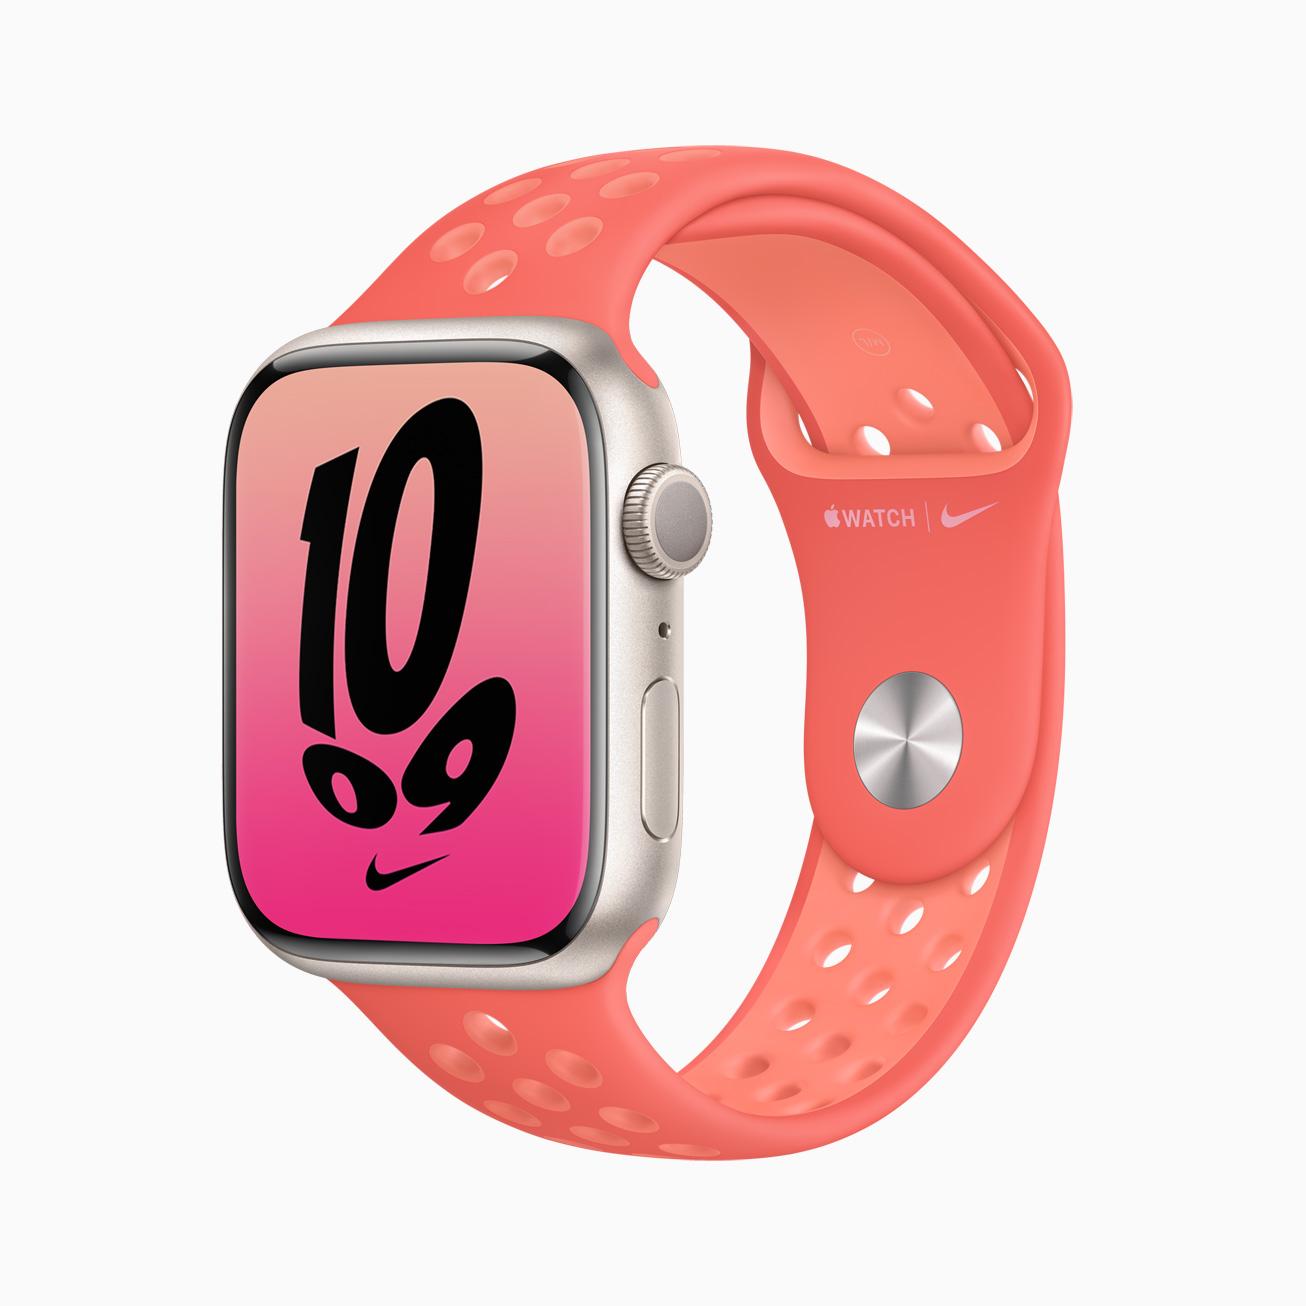 Événement Apple: Relooking pas au menu